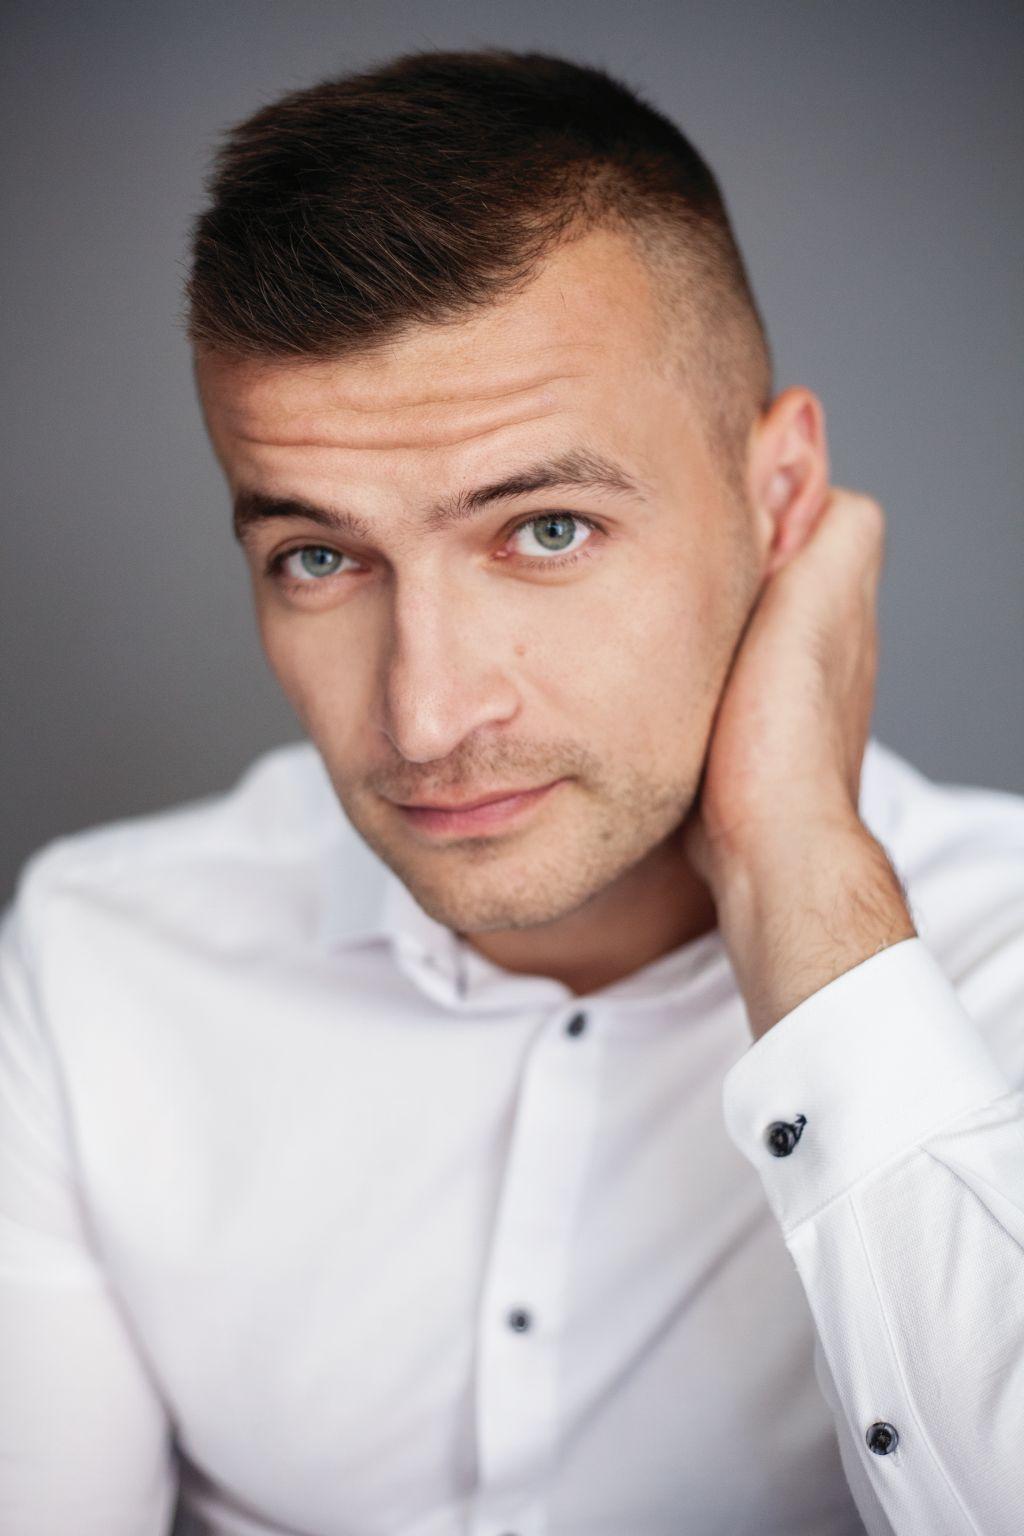 Jakub Małecki fot. Tomasz Pluta (źródło: materiały prasowe organizatora)